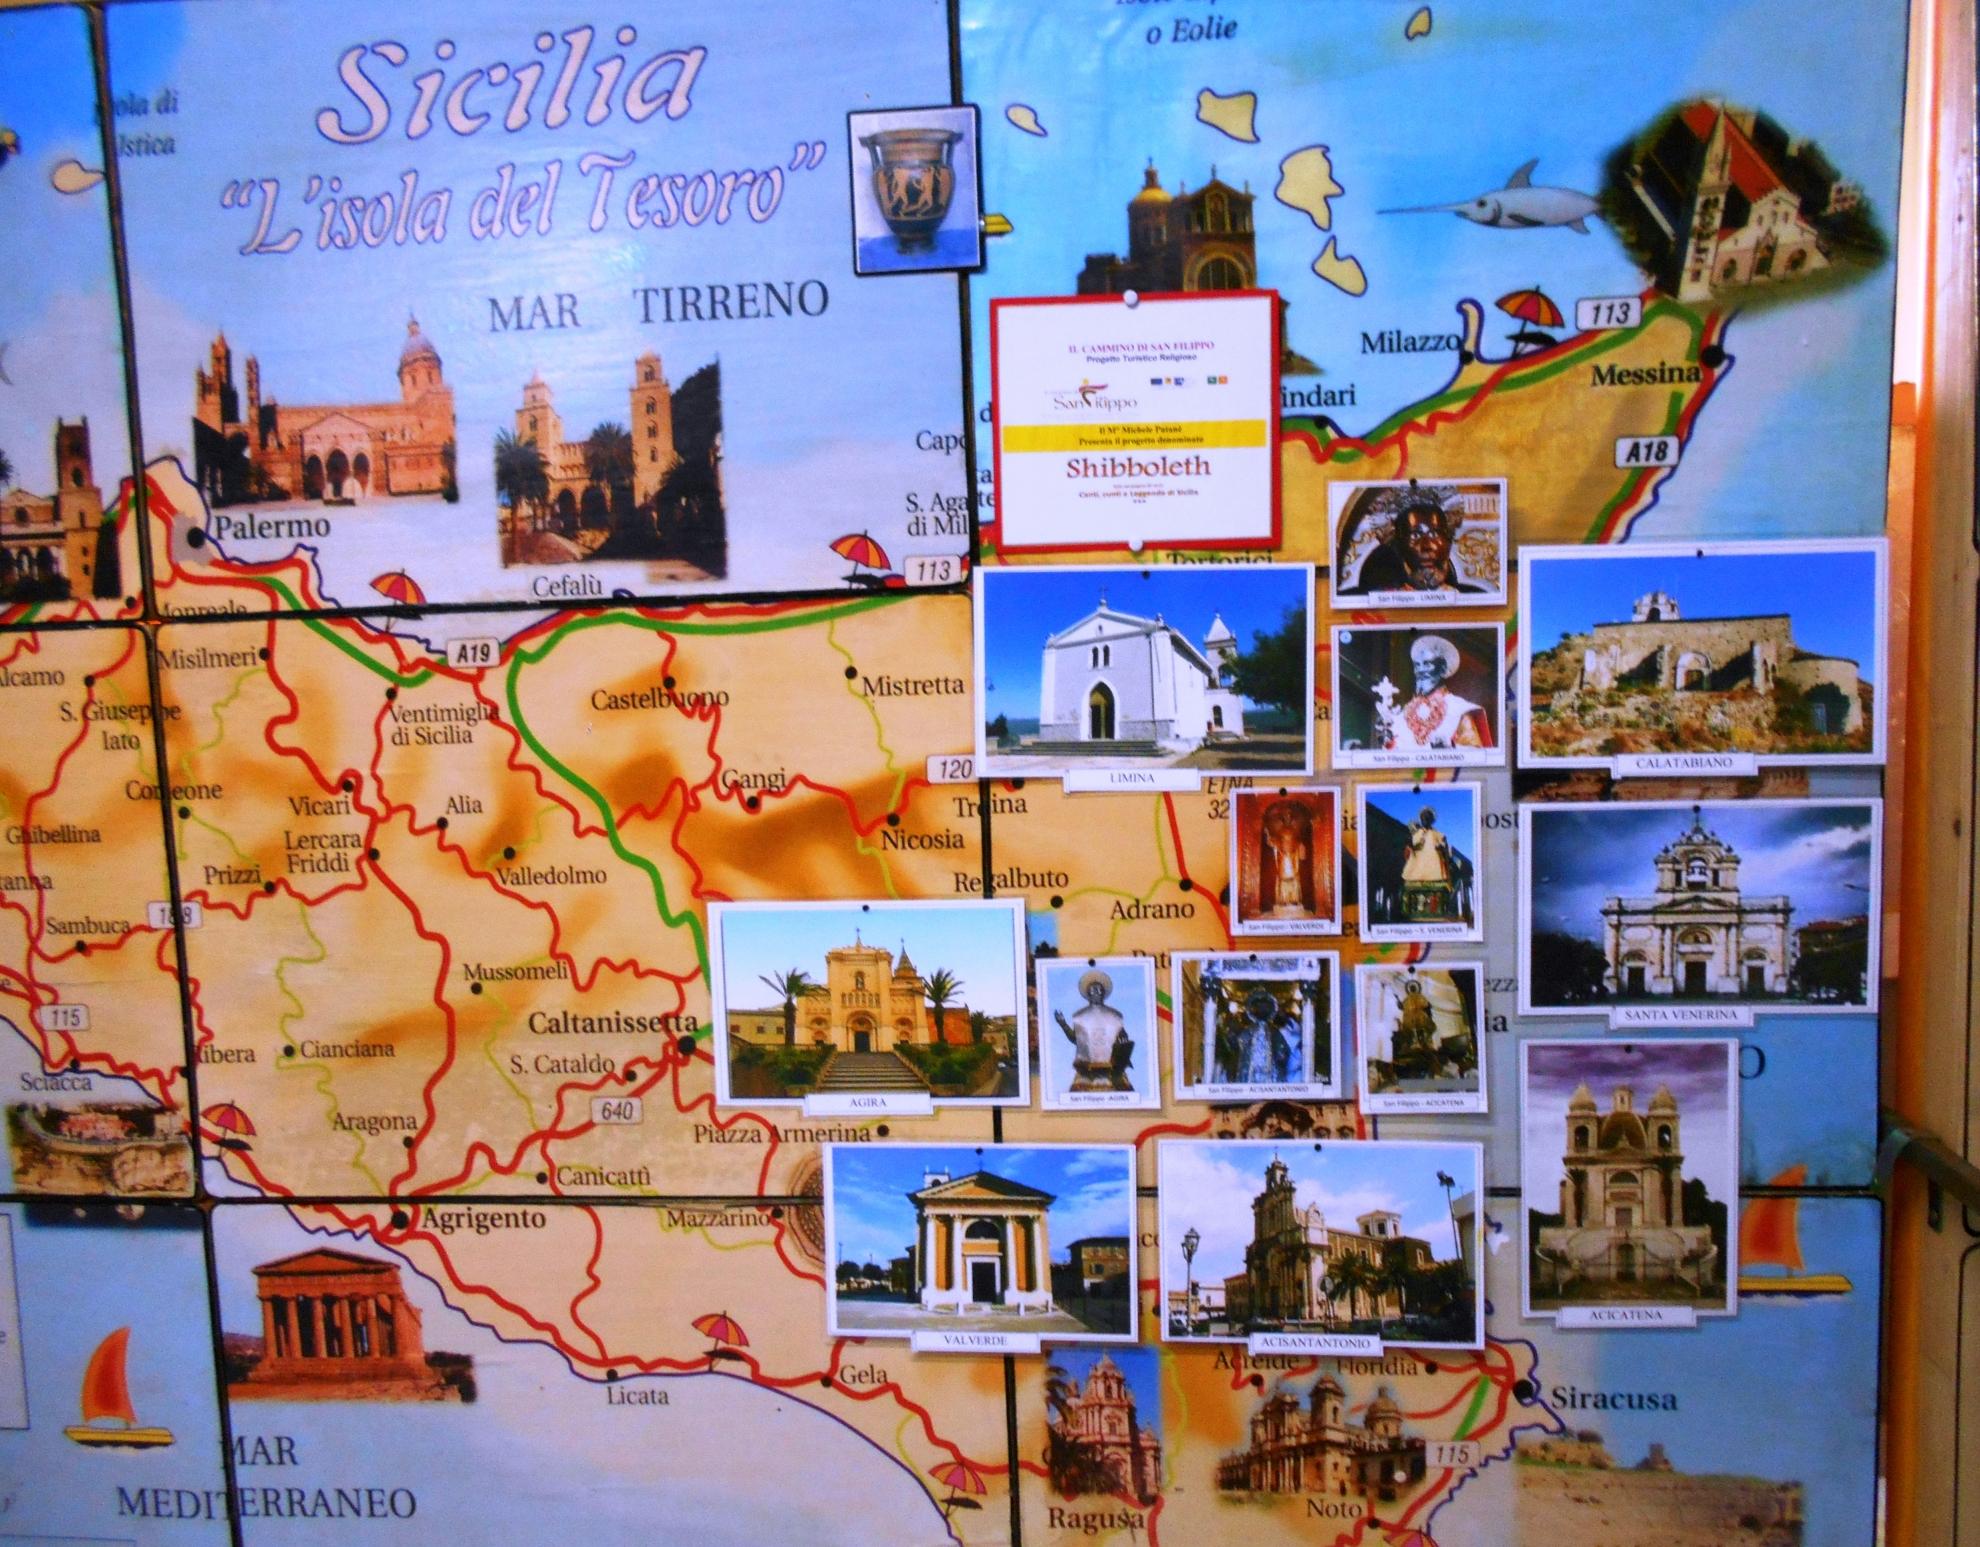 Associazione Culturale Sikania - Artista Laboratorio Didattico, Fiumefreddo di Sicilia